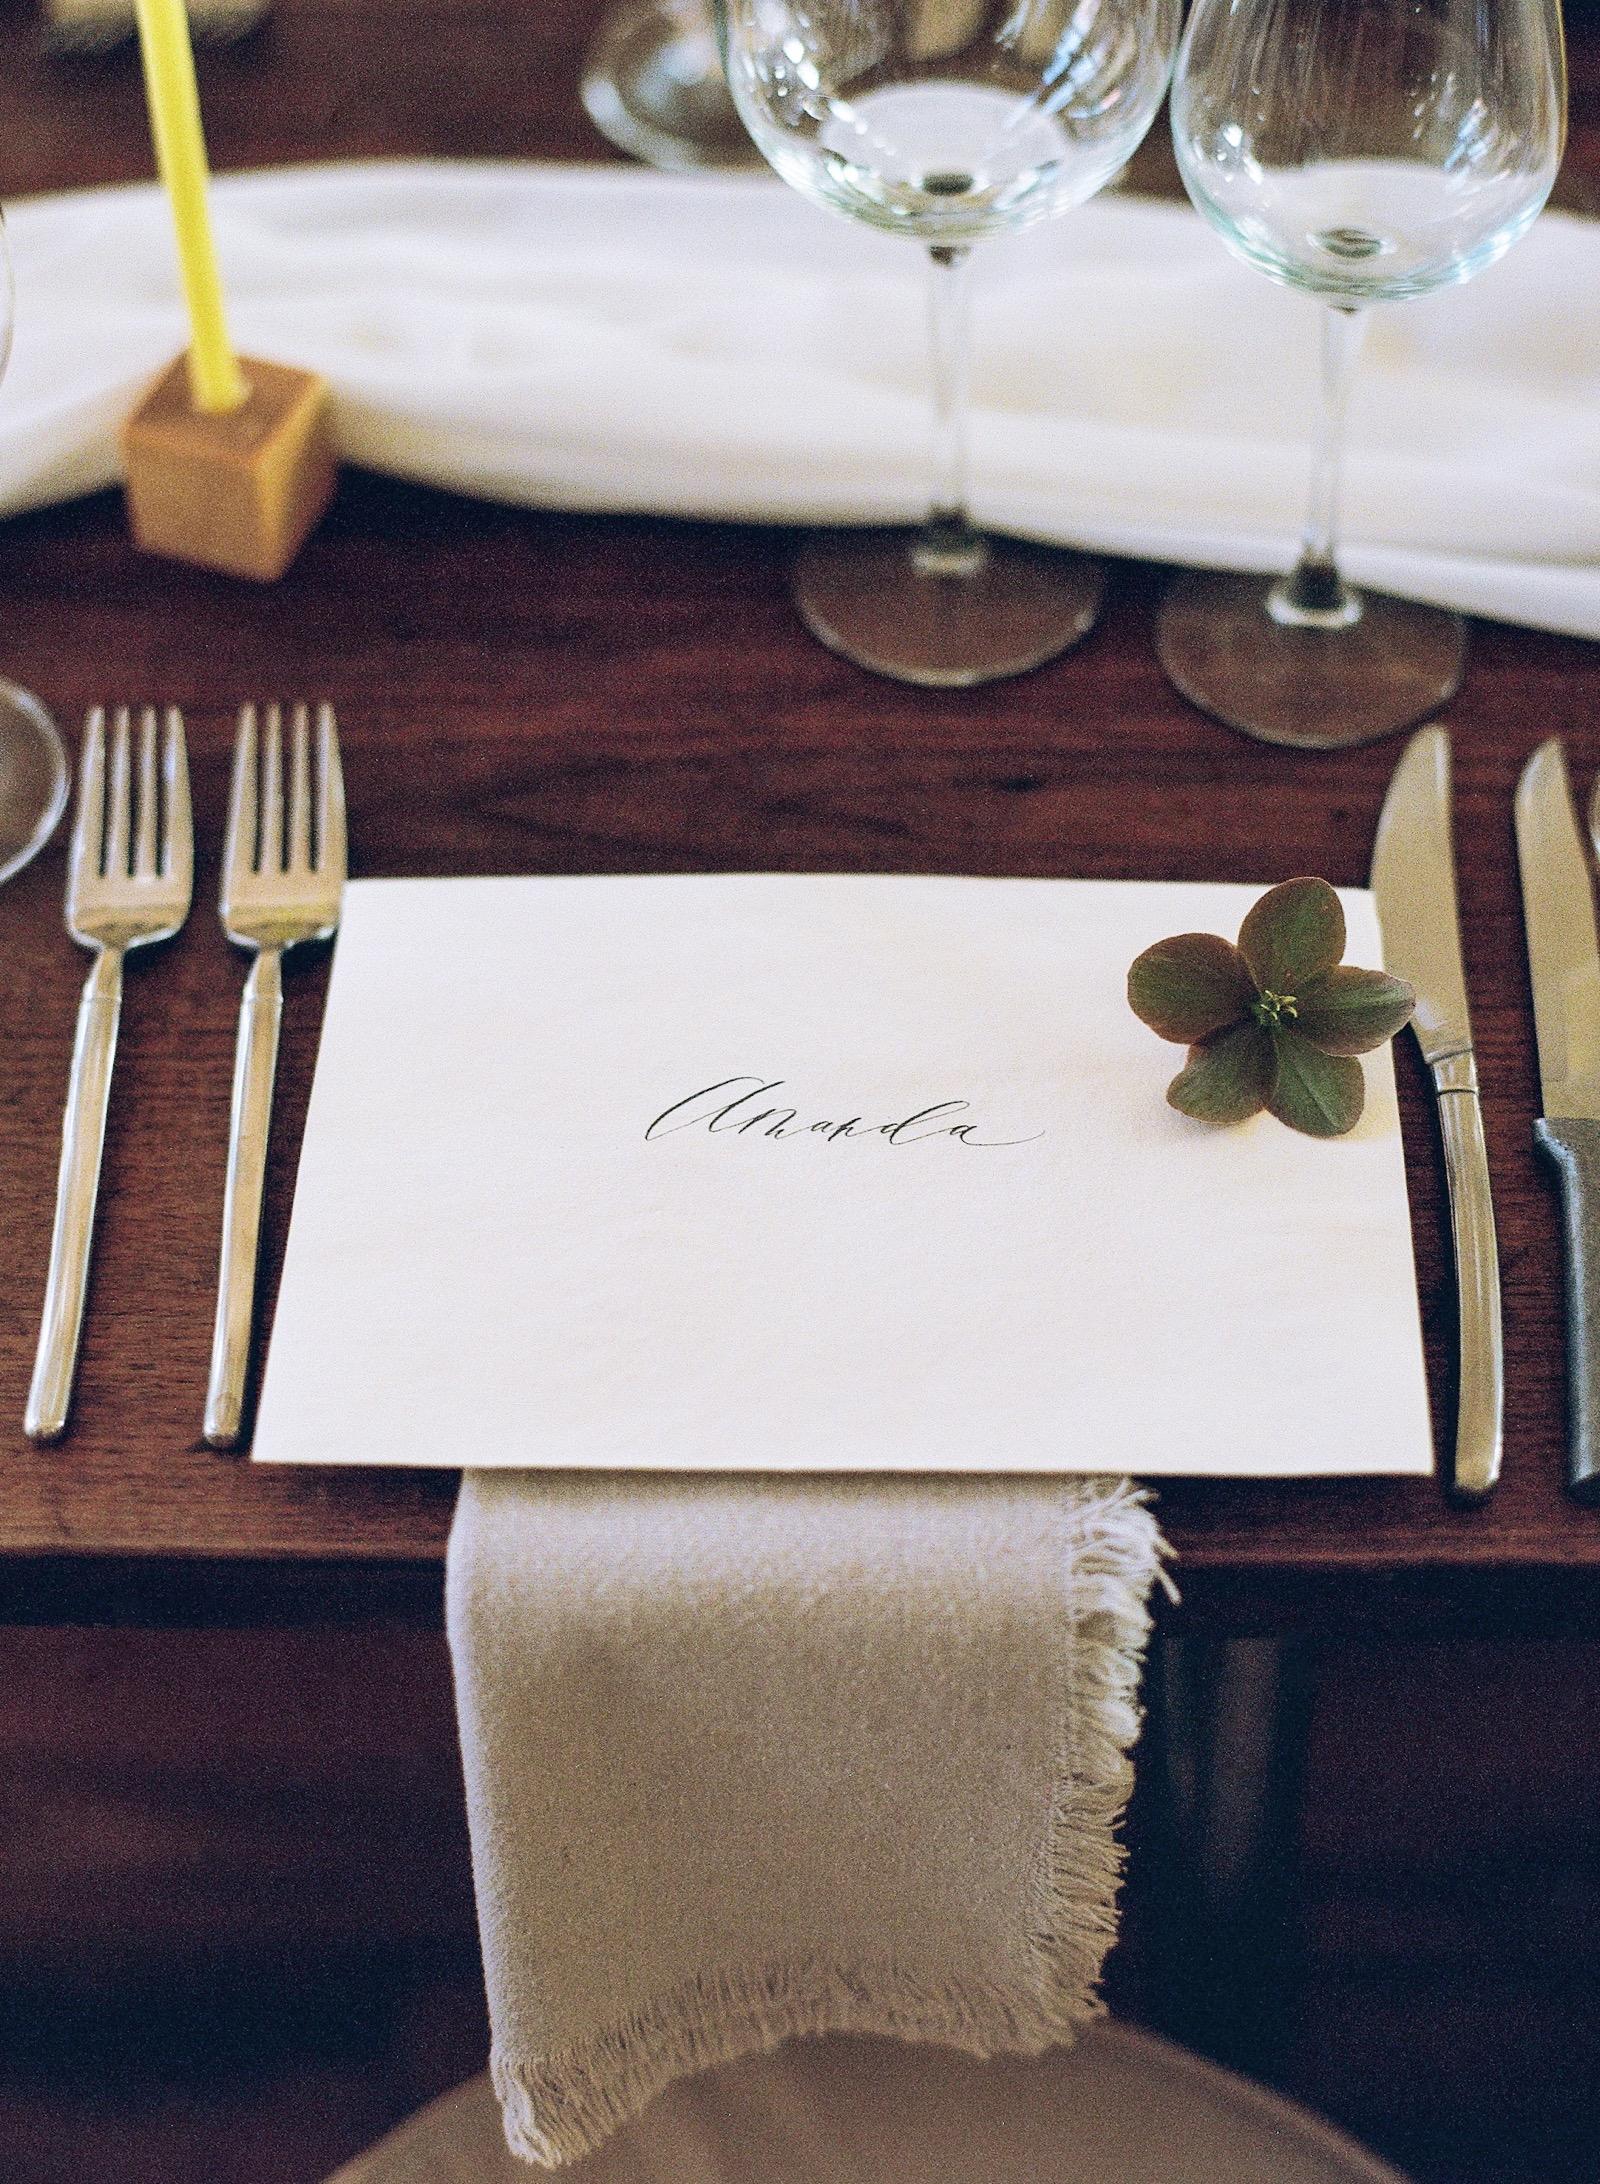 jodi-kurt-photography-rebrand-dinner_05.jpg